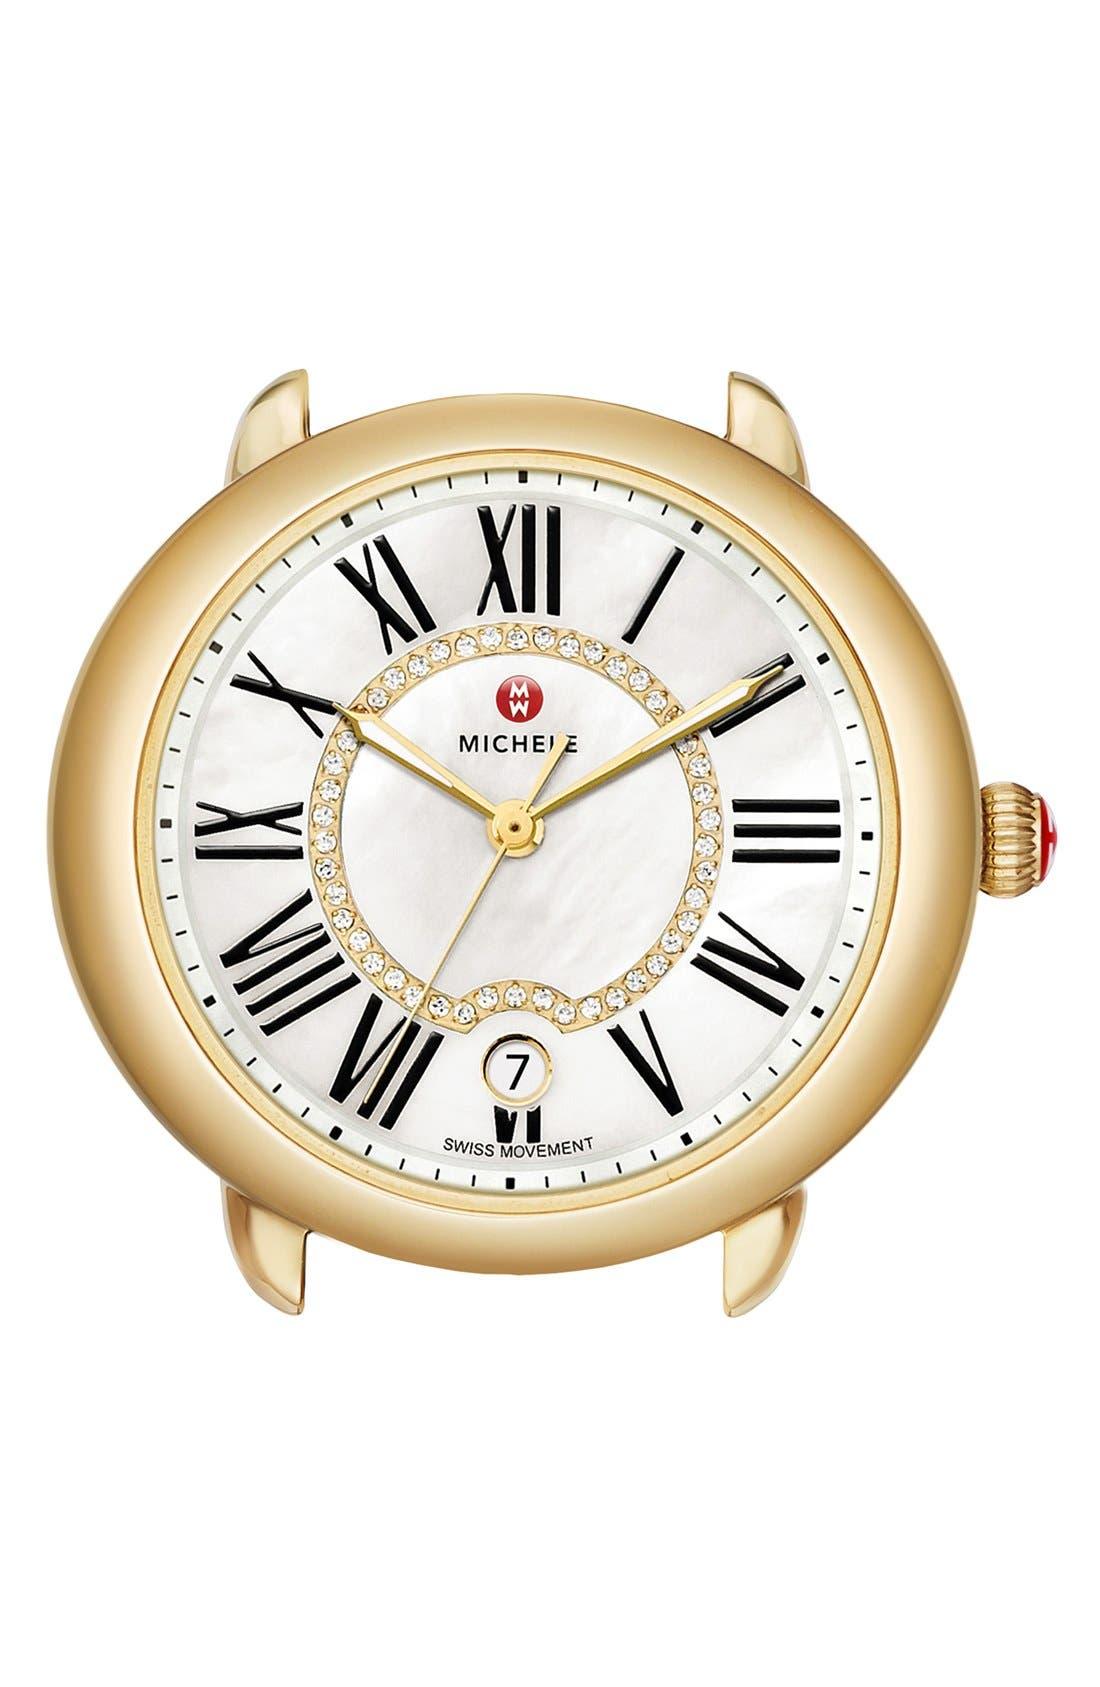 Serein 16 Diamond Dial Watch Head, 34mm x 36mm,                             Main thumbnail 1, color,                             GOLD